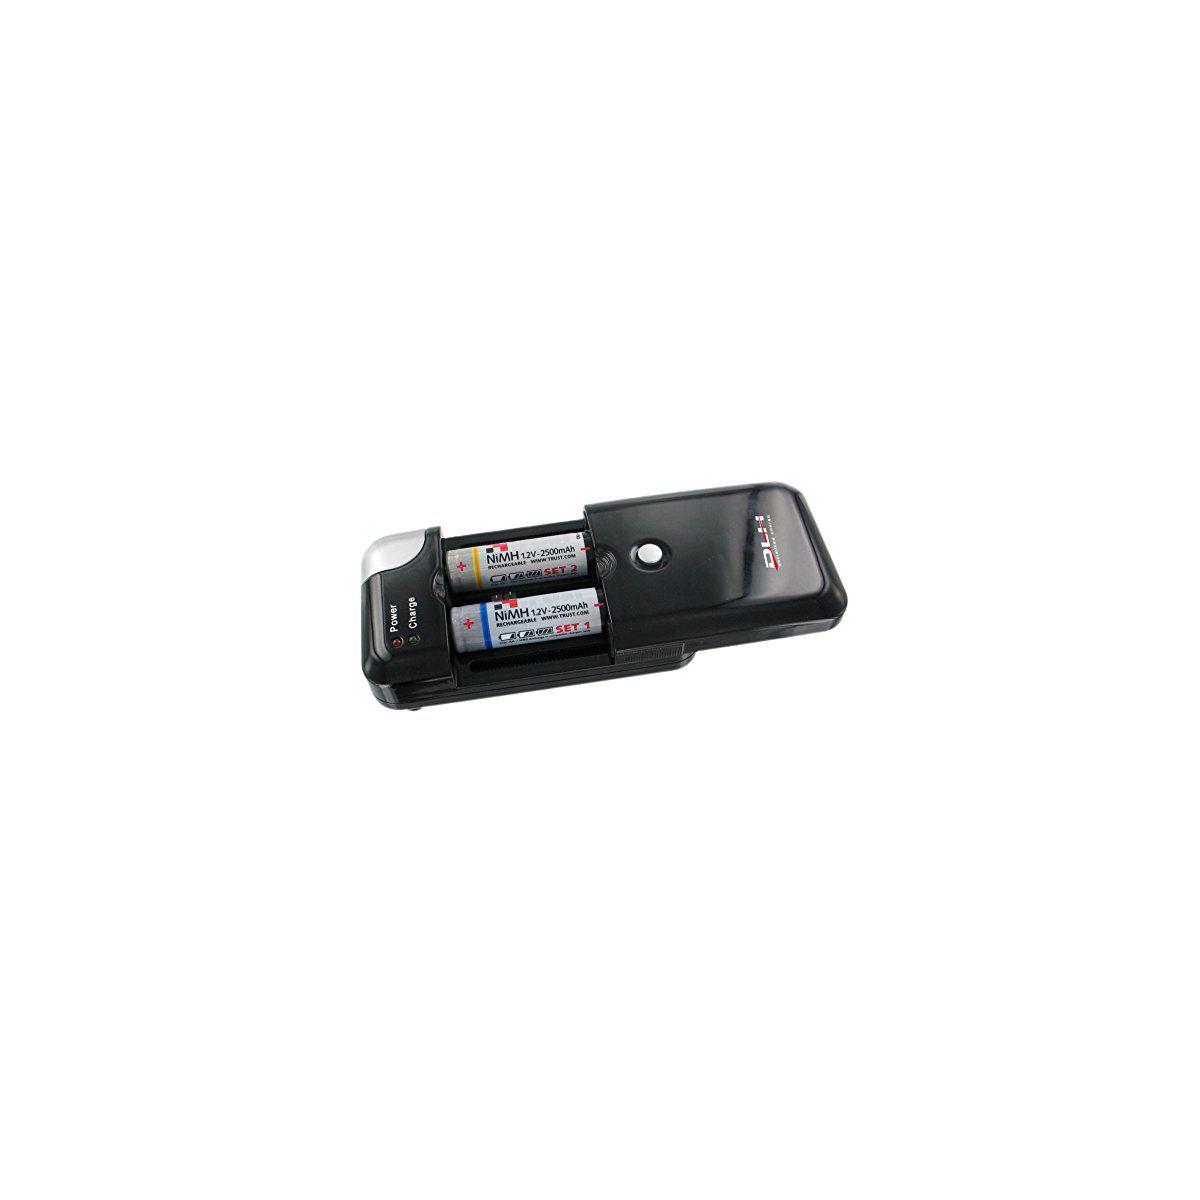 Chargeur dlh de piles et batteries - 20% de remise immédiate avec le code : fete20 (photo)